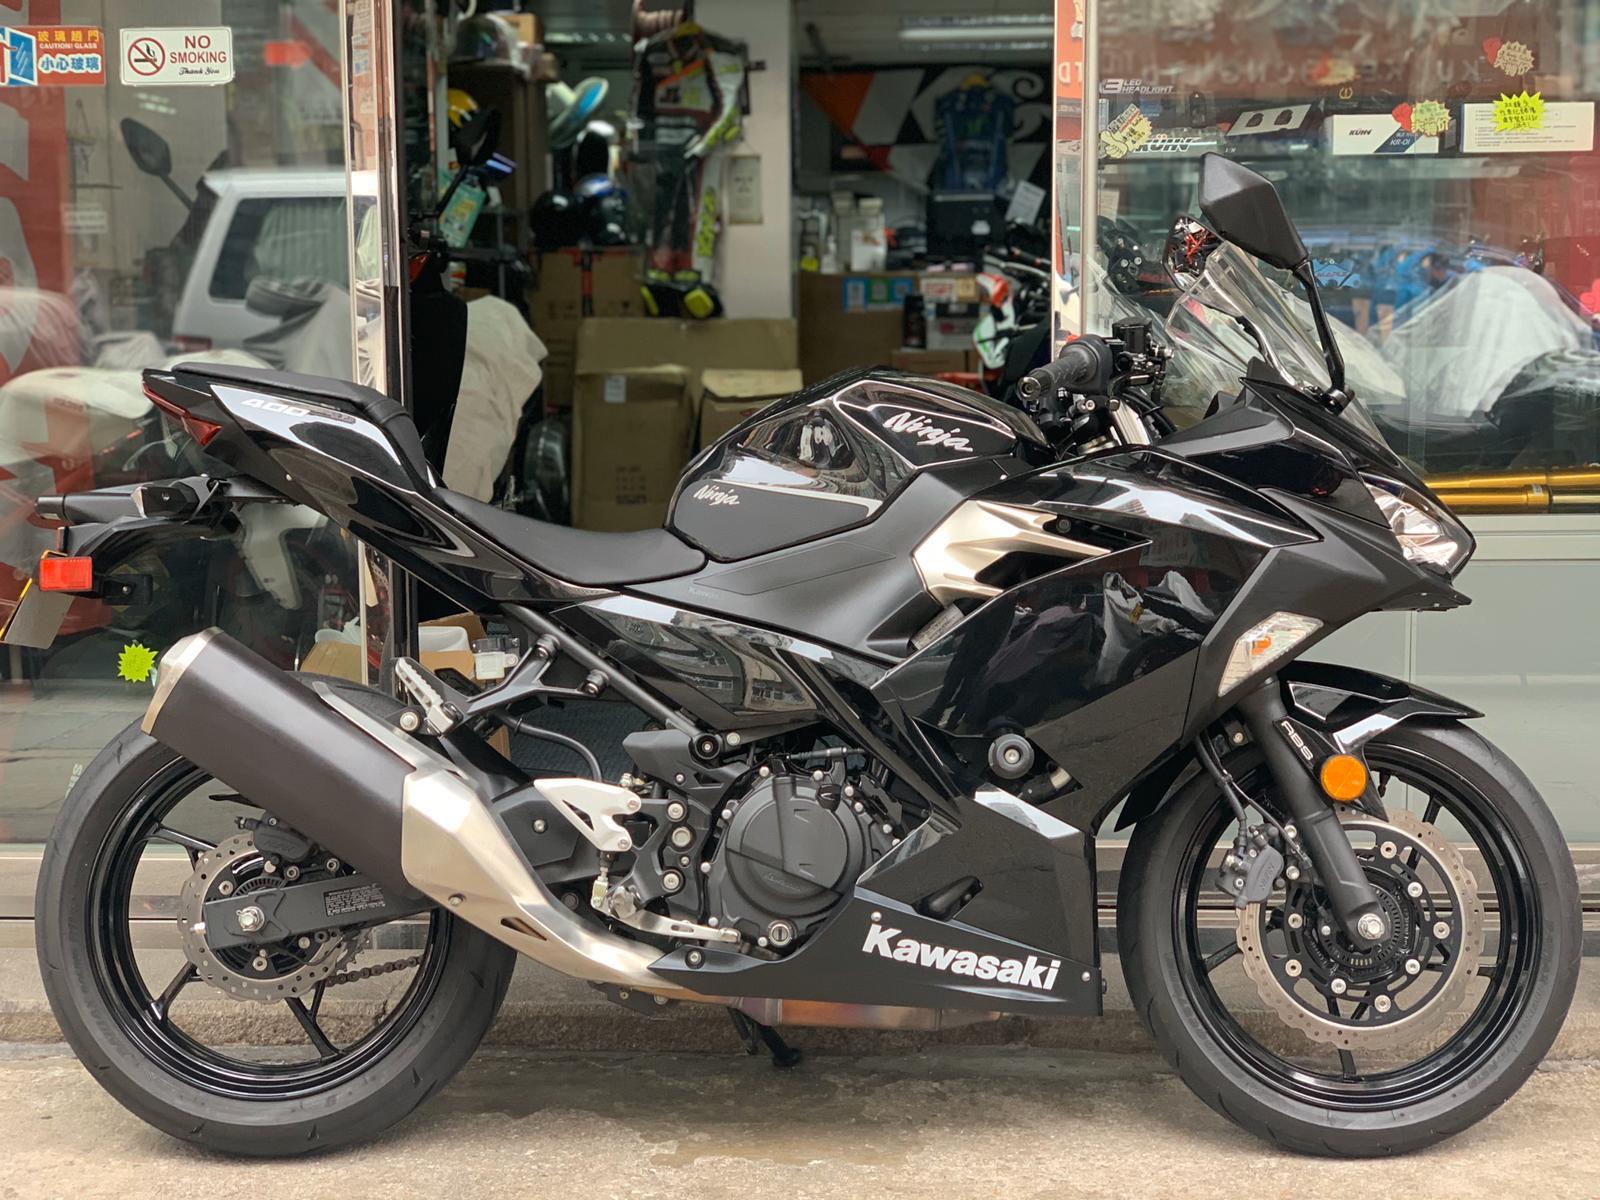 KAWASAKI NINJA400R 2019    - 「Webike摩托車市」